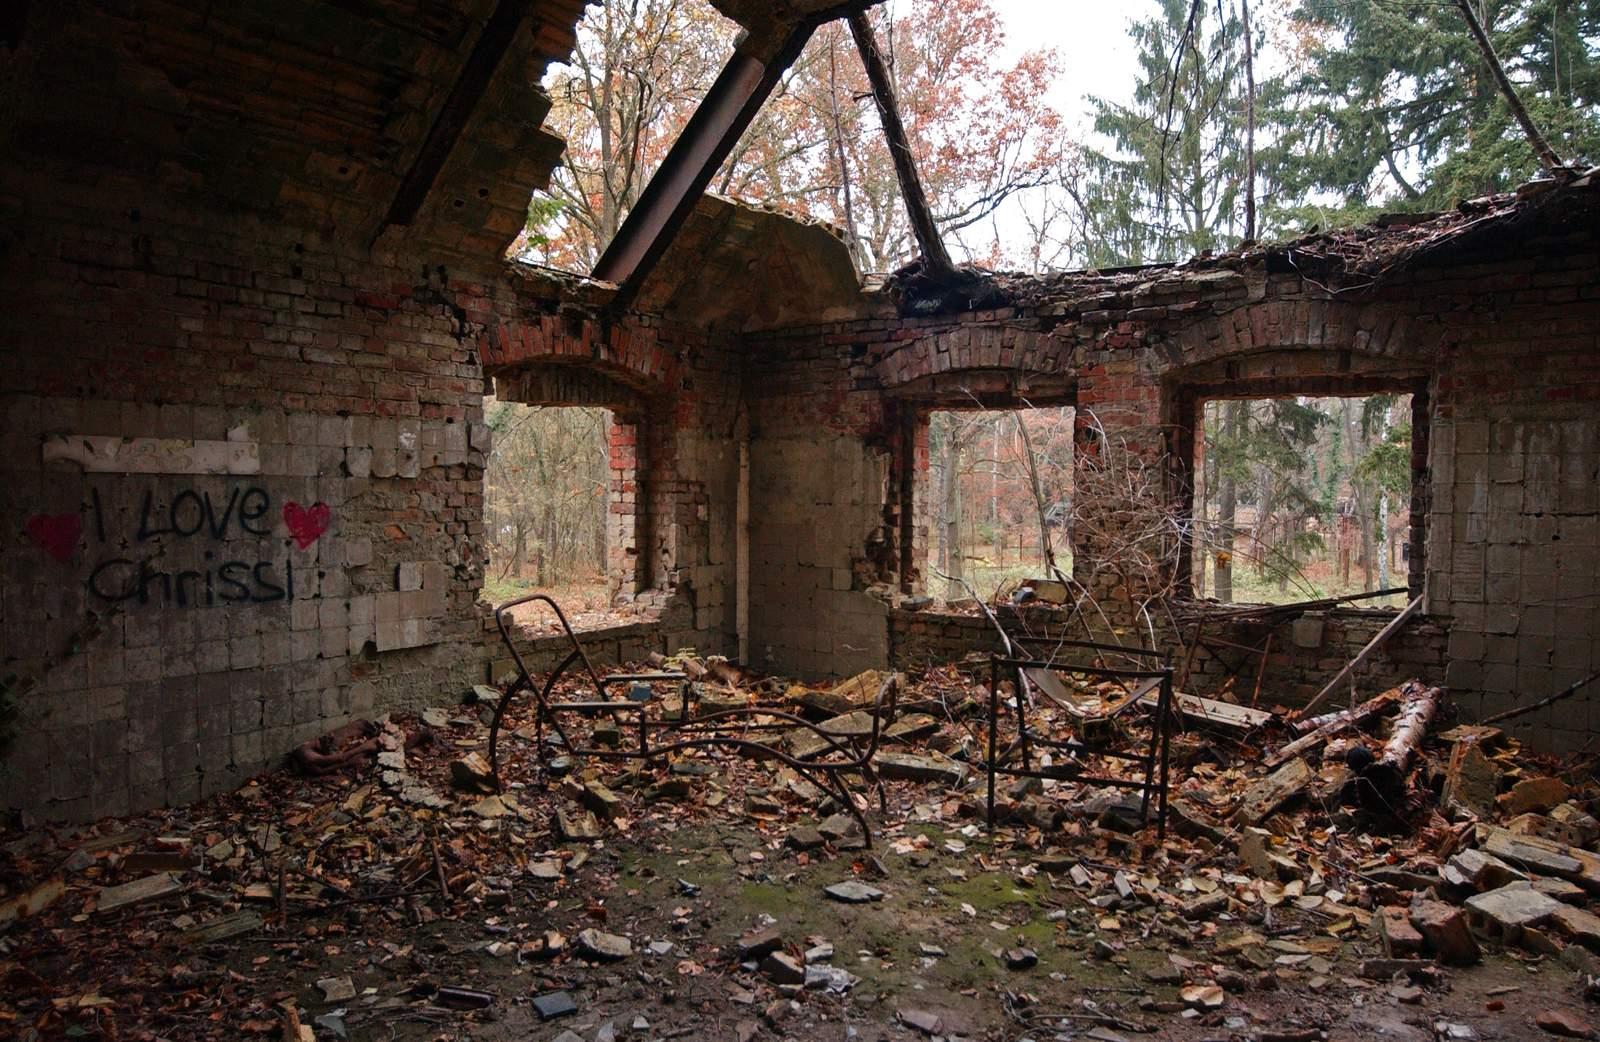 beelitz heilstatten12 Abandoned Beelitz Heilstatten Hospital